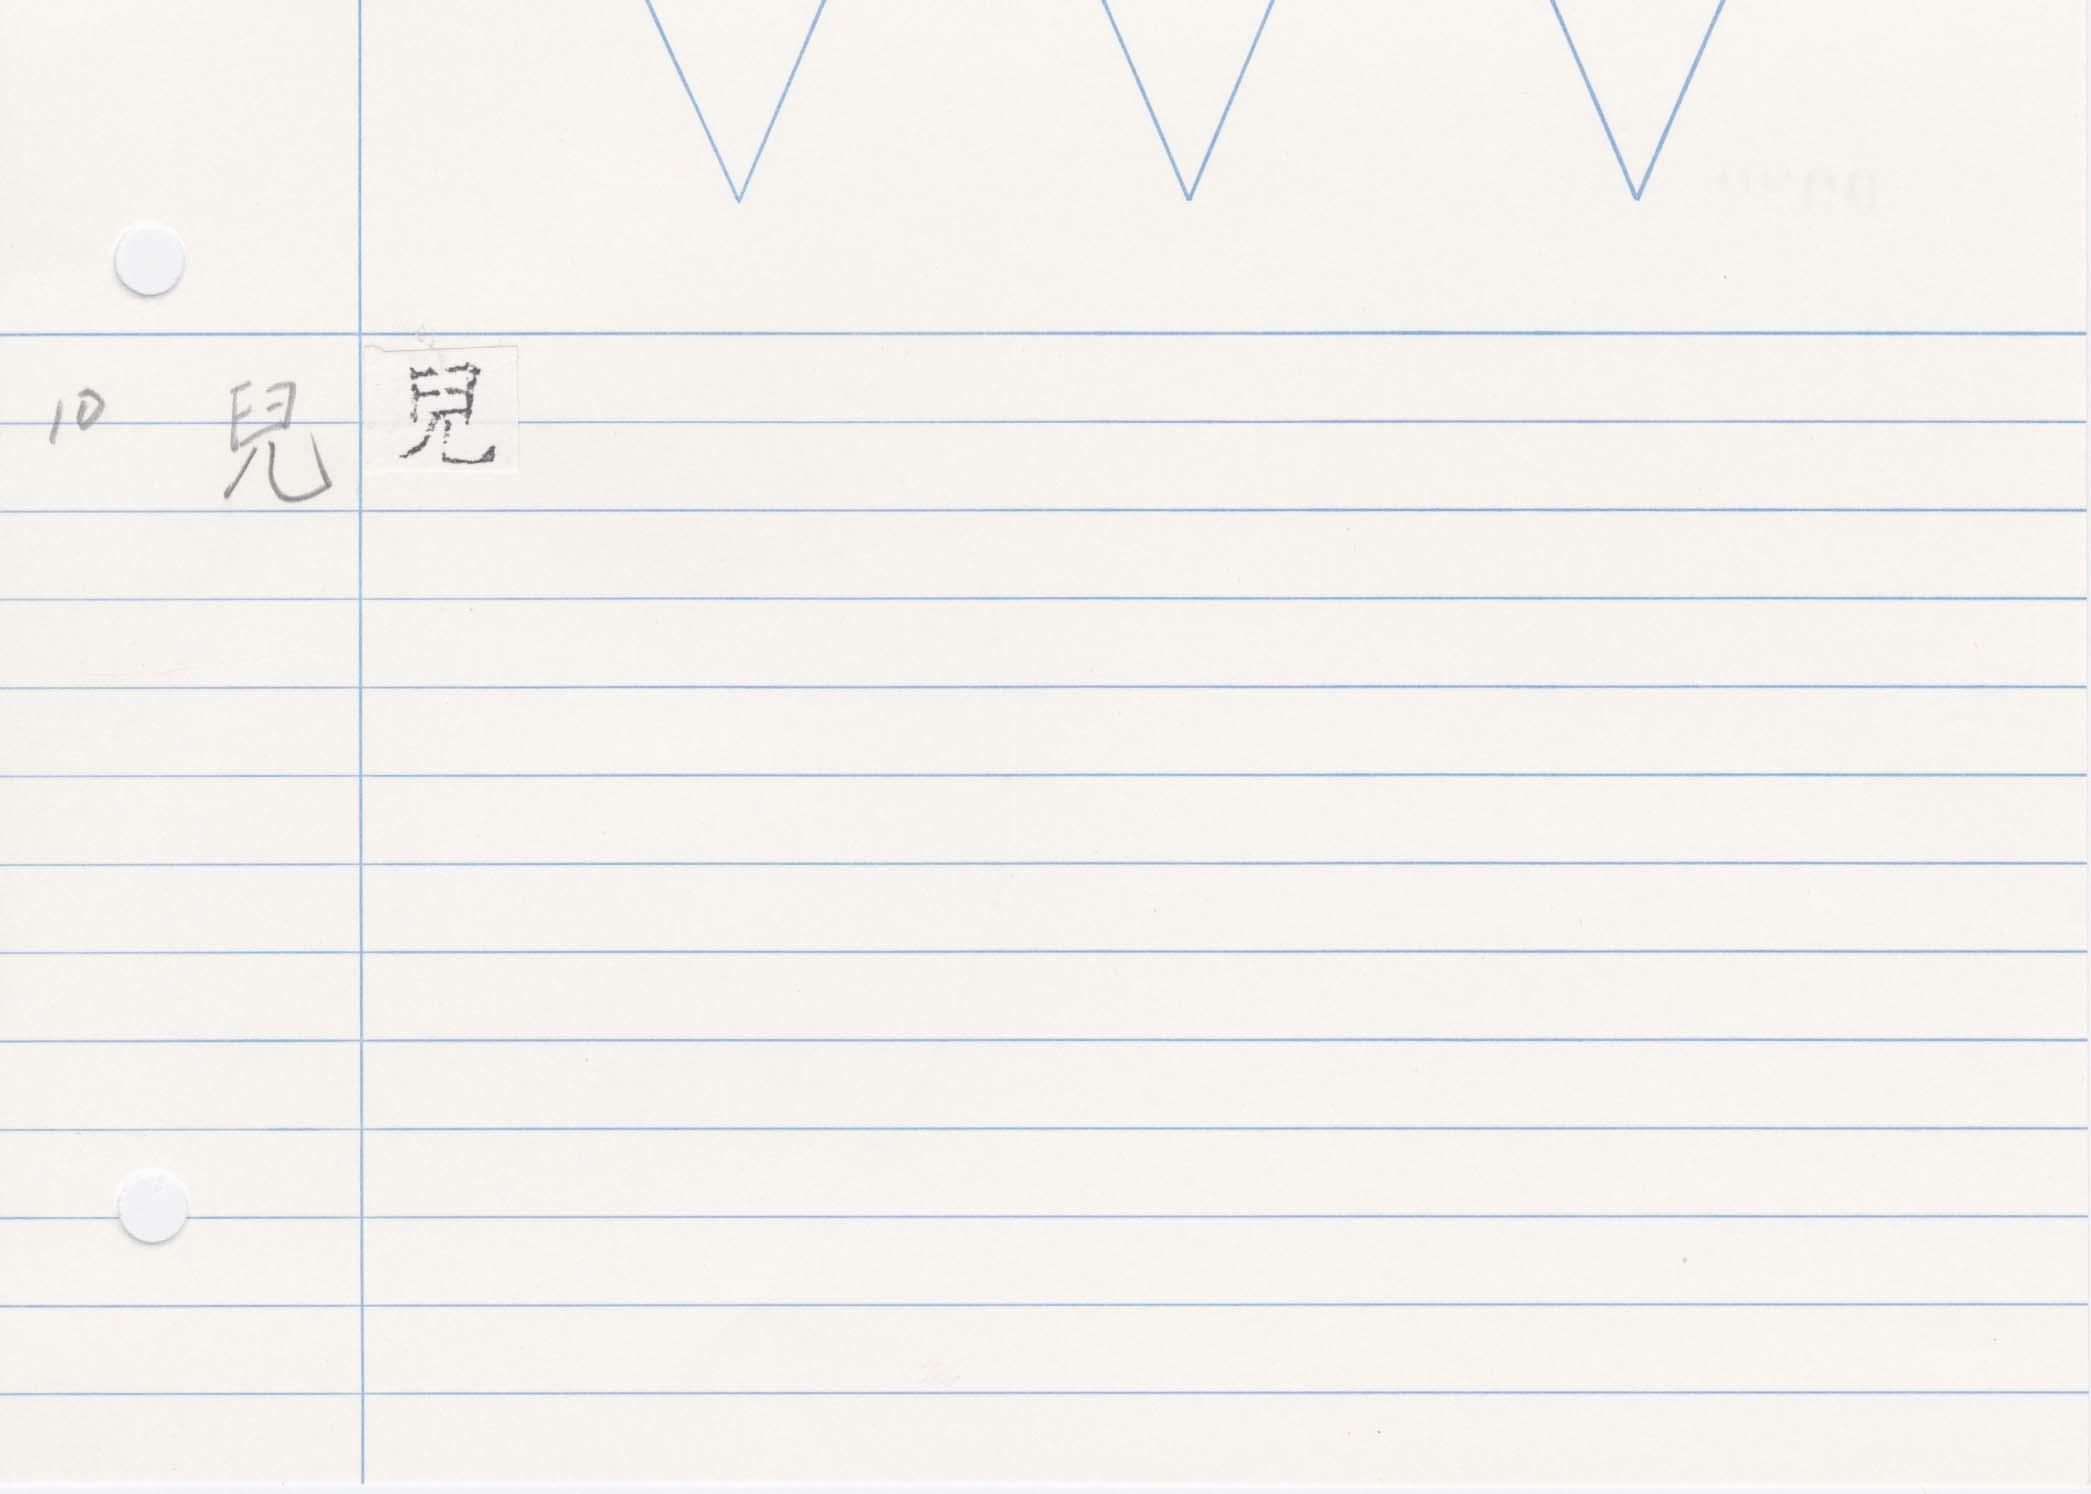 26_齊民要術卷五(高山寺本)/cards/0020.jpg